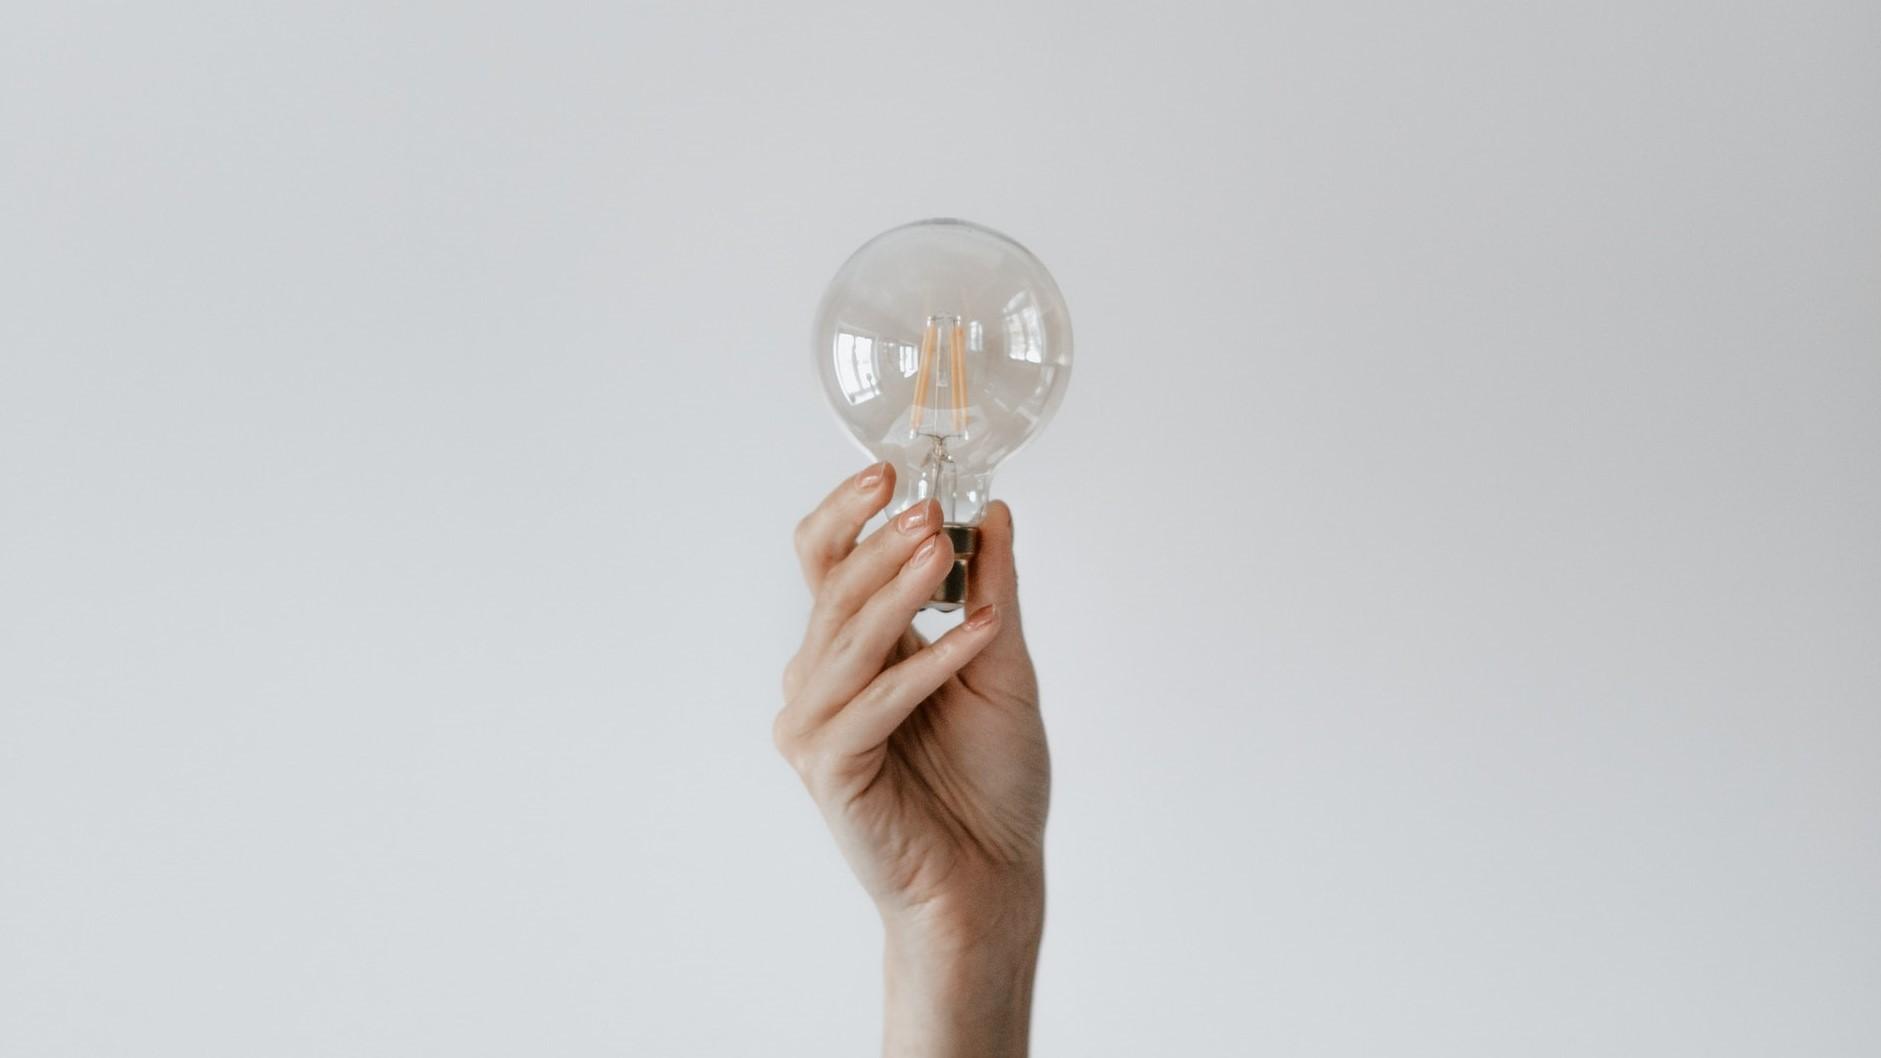 Come prendere una decisione etica - Mano che regge una lampadina